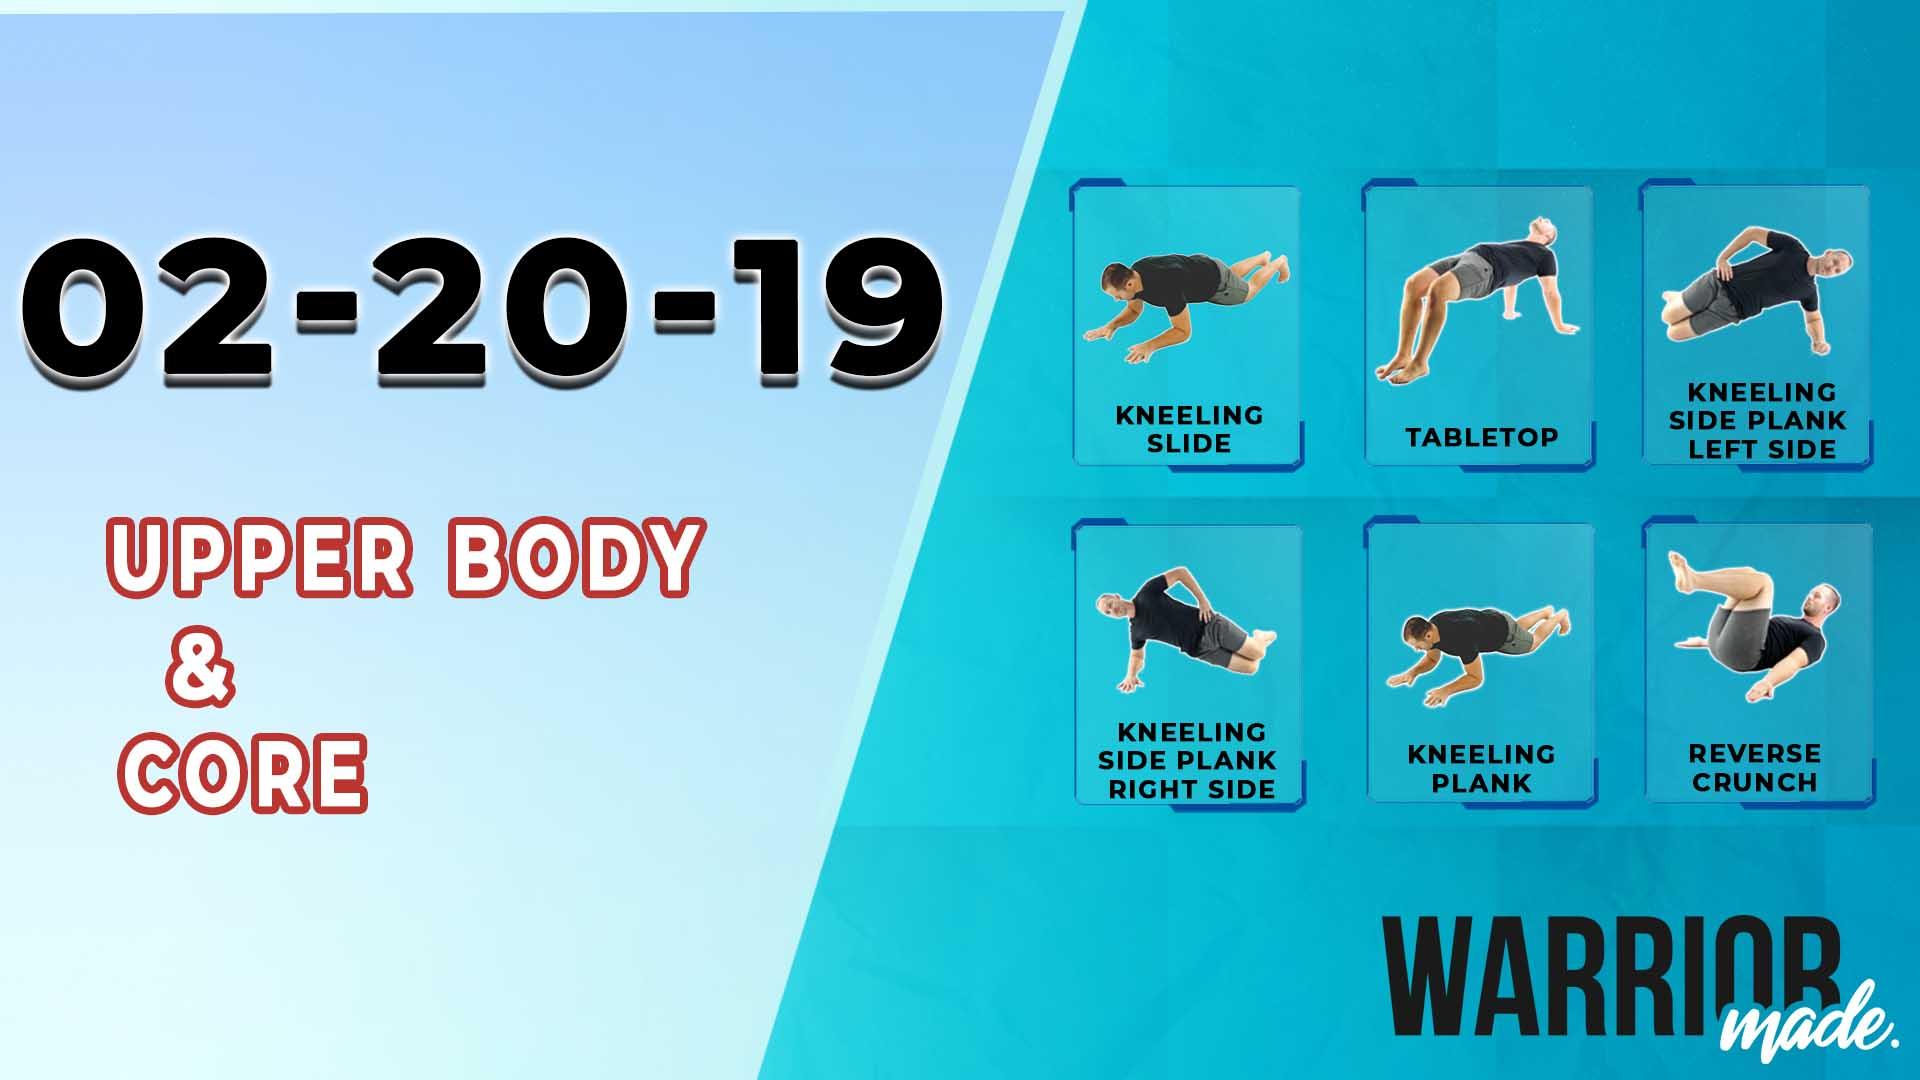 workouts-02-20-19